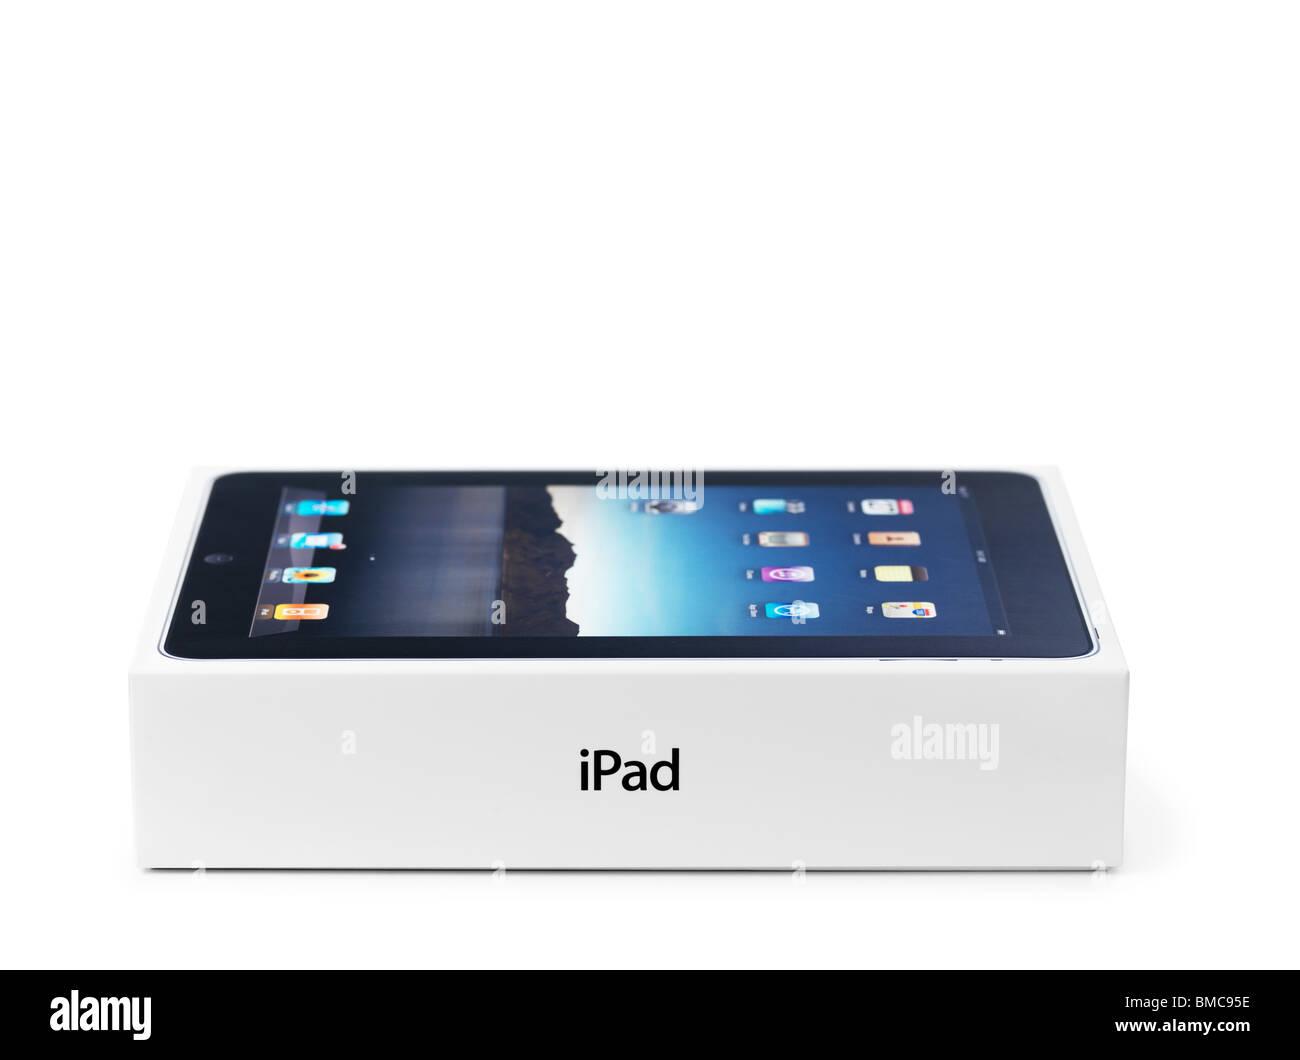 Apple iPad produit dans l'emballage. Isolé sur fond blanc. Photo Stock